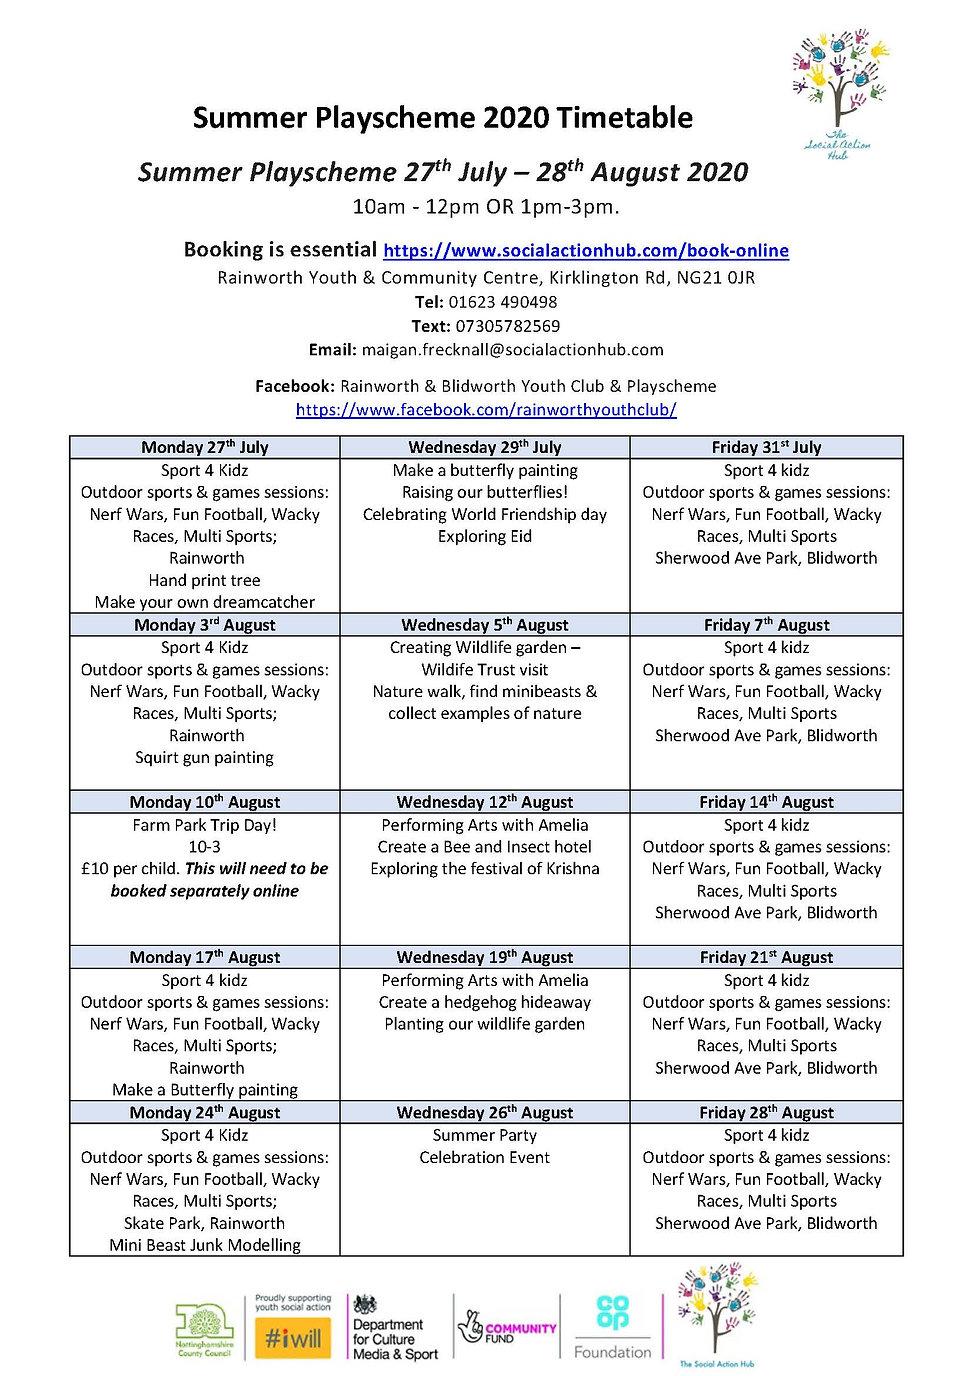 Summer Playscheme 2020 Timetable.jpg